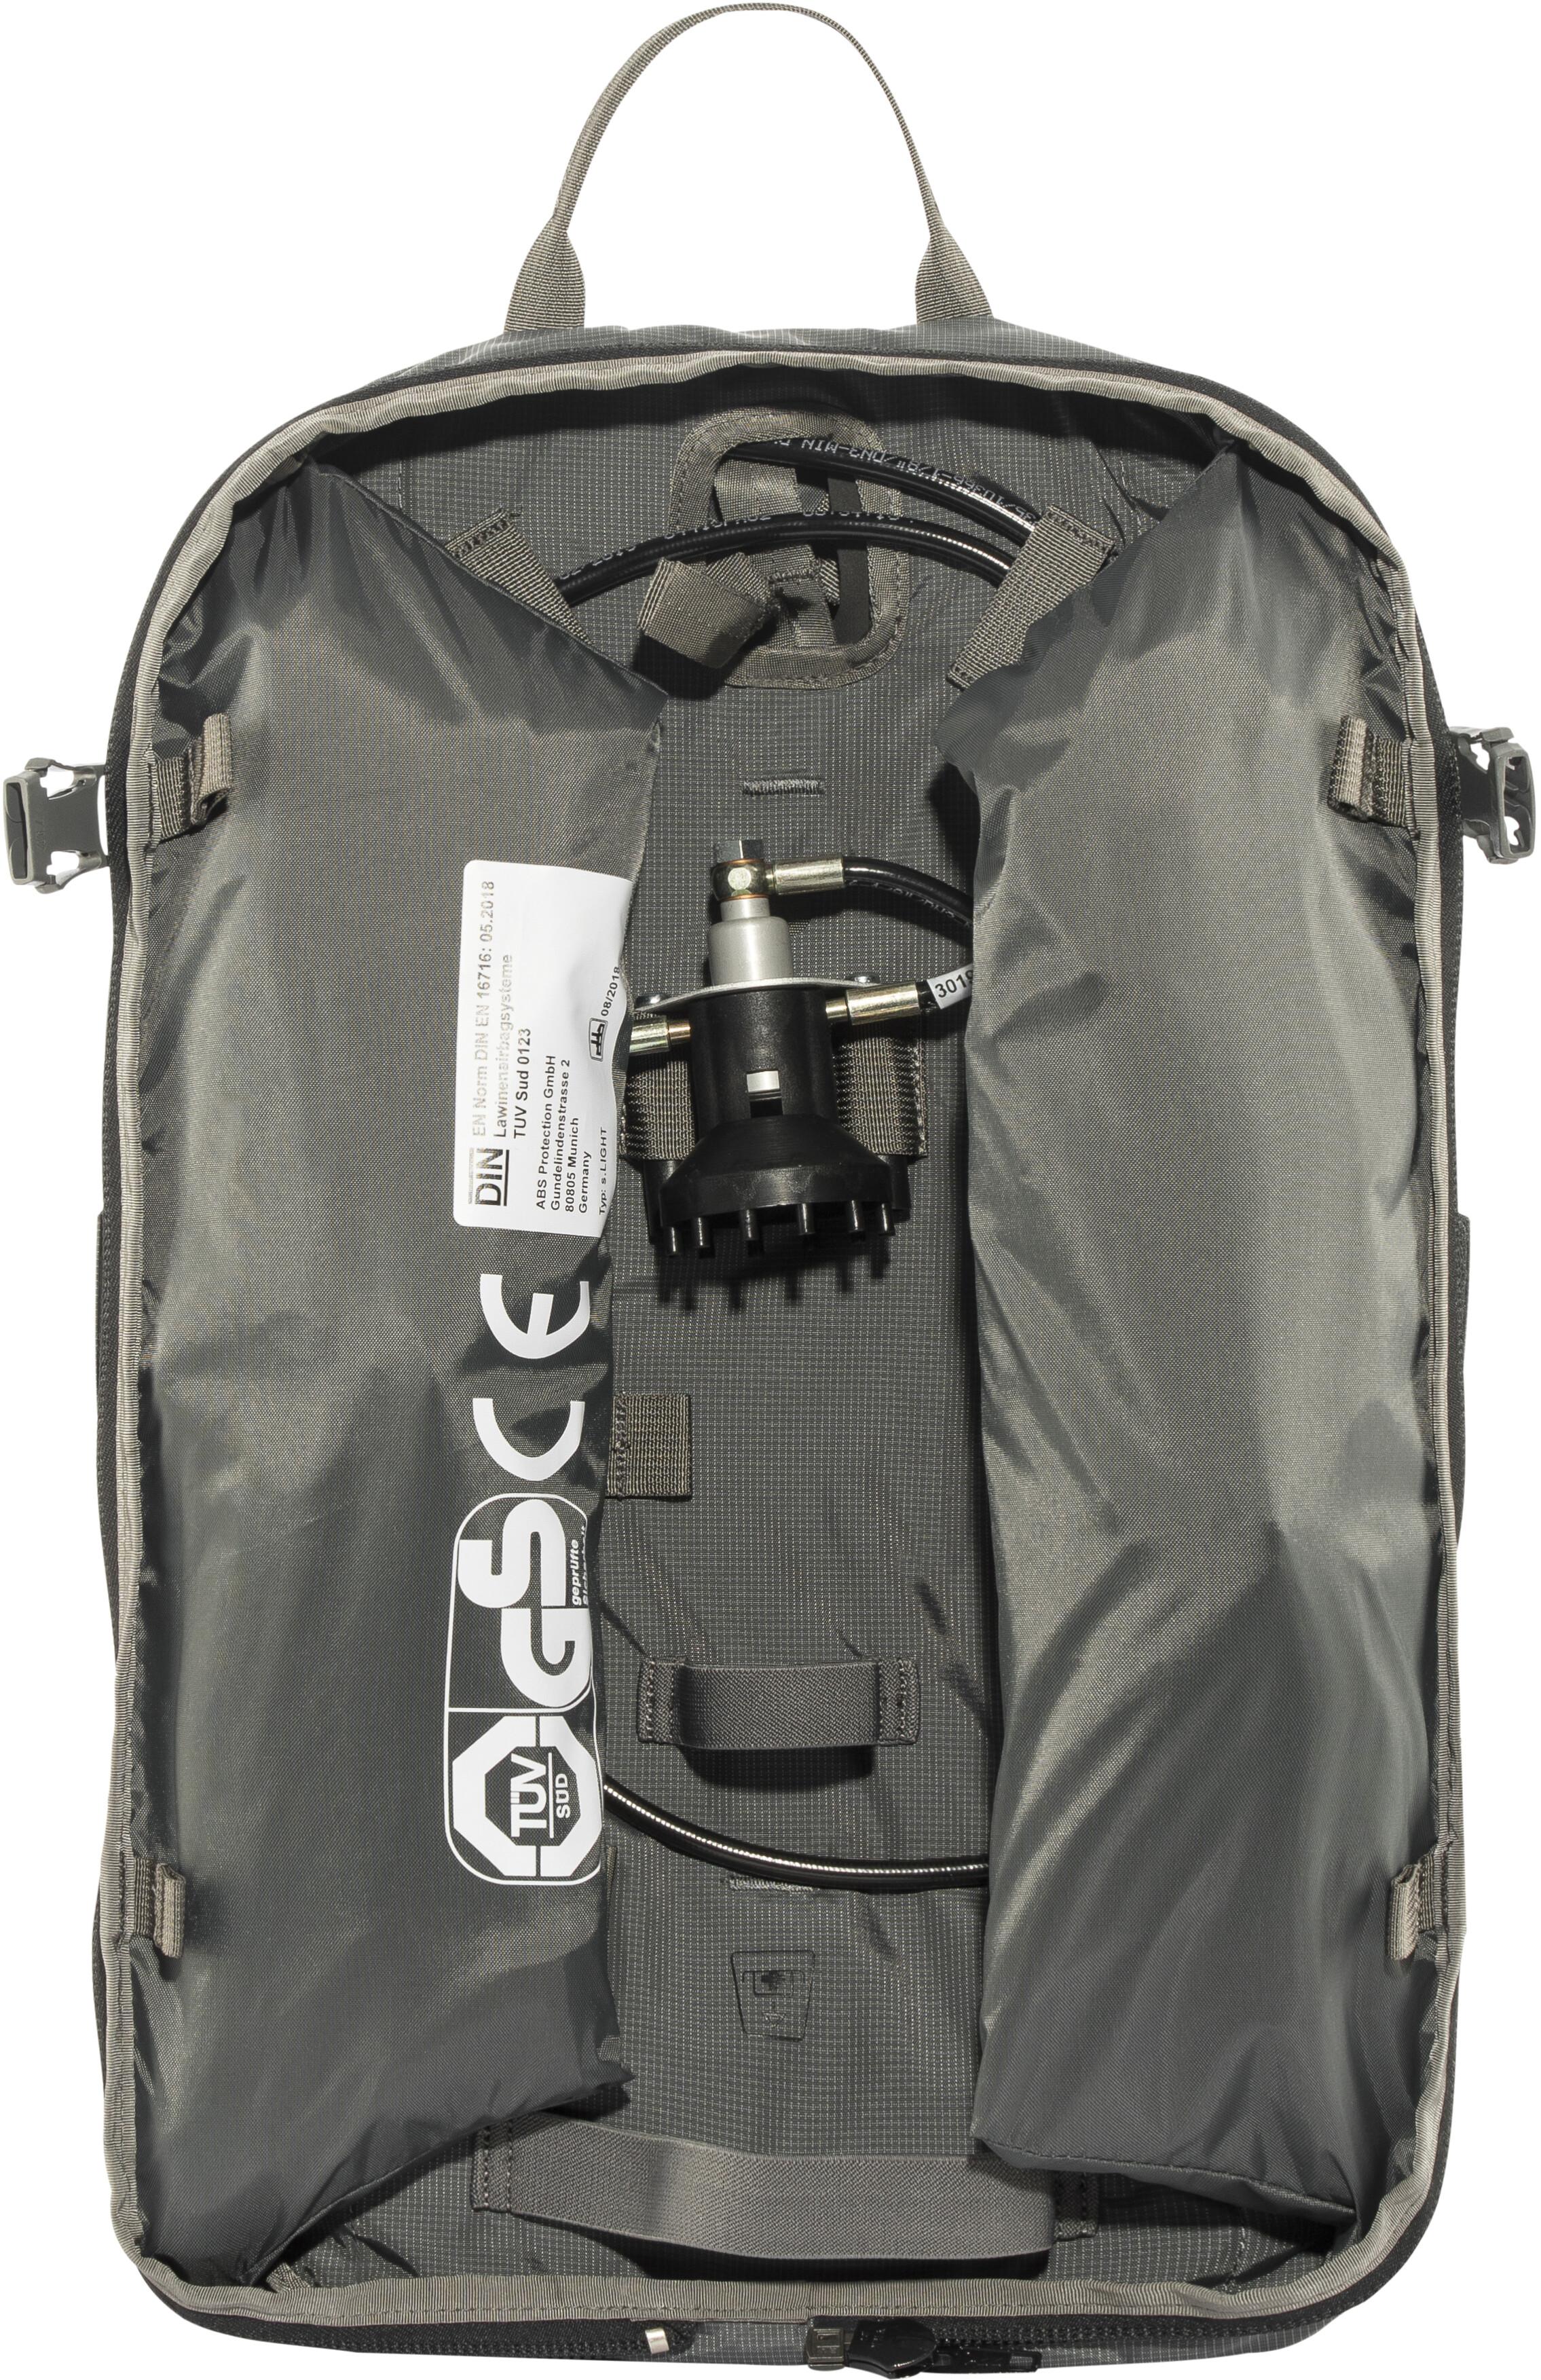 ddc1aad1ad ABS s.LIGHT Compact Zaino airbag senza unità di sblocco grigio su ...